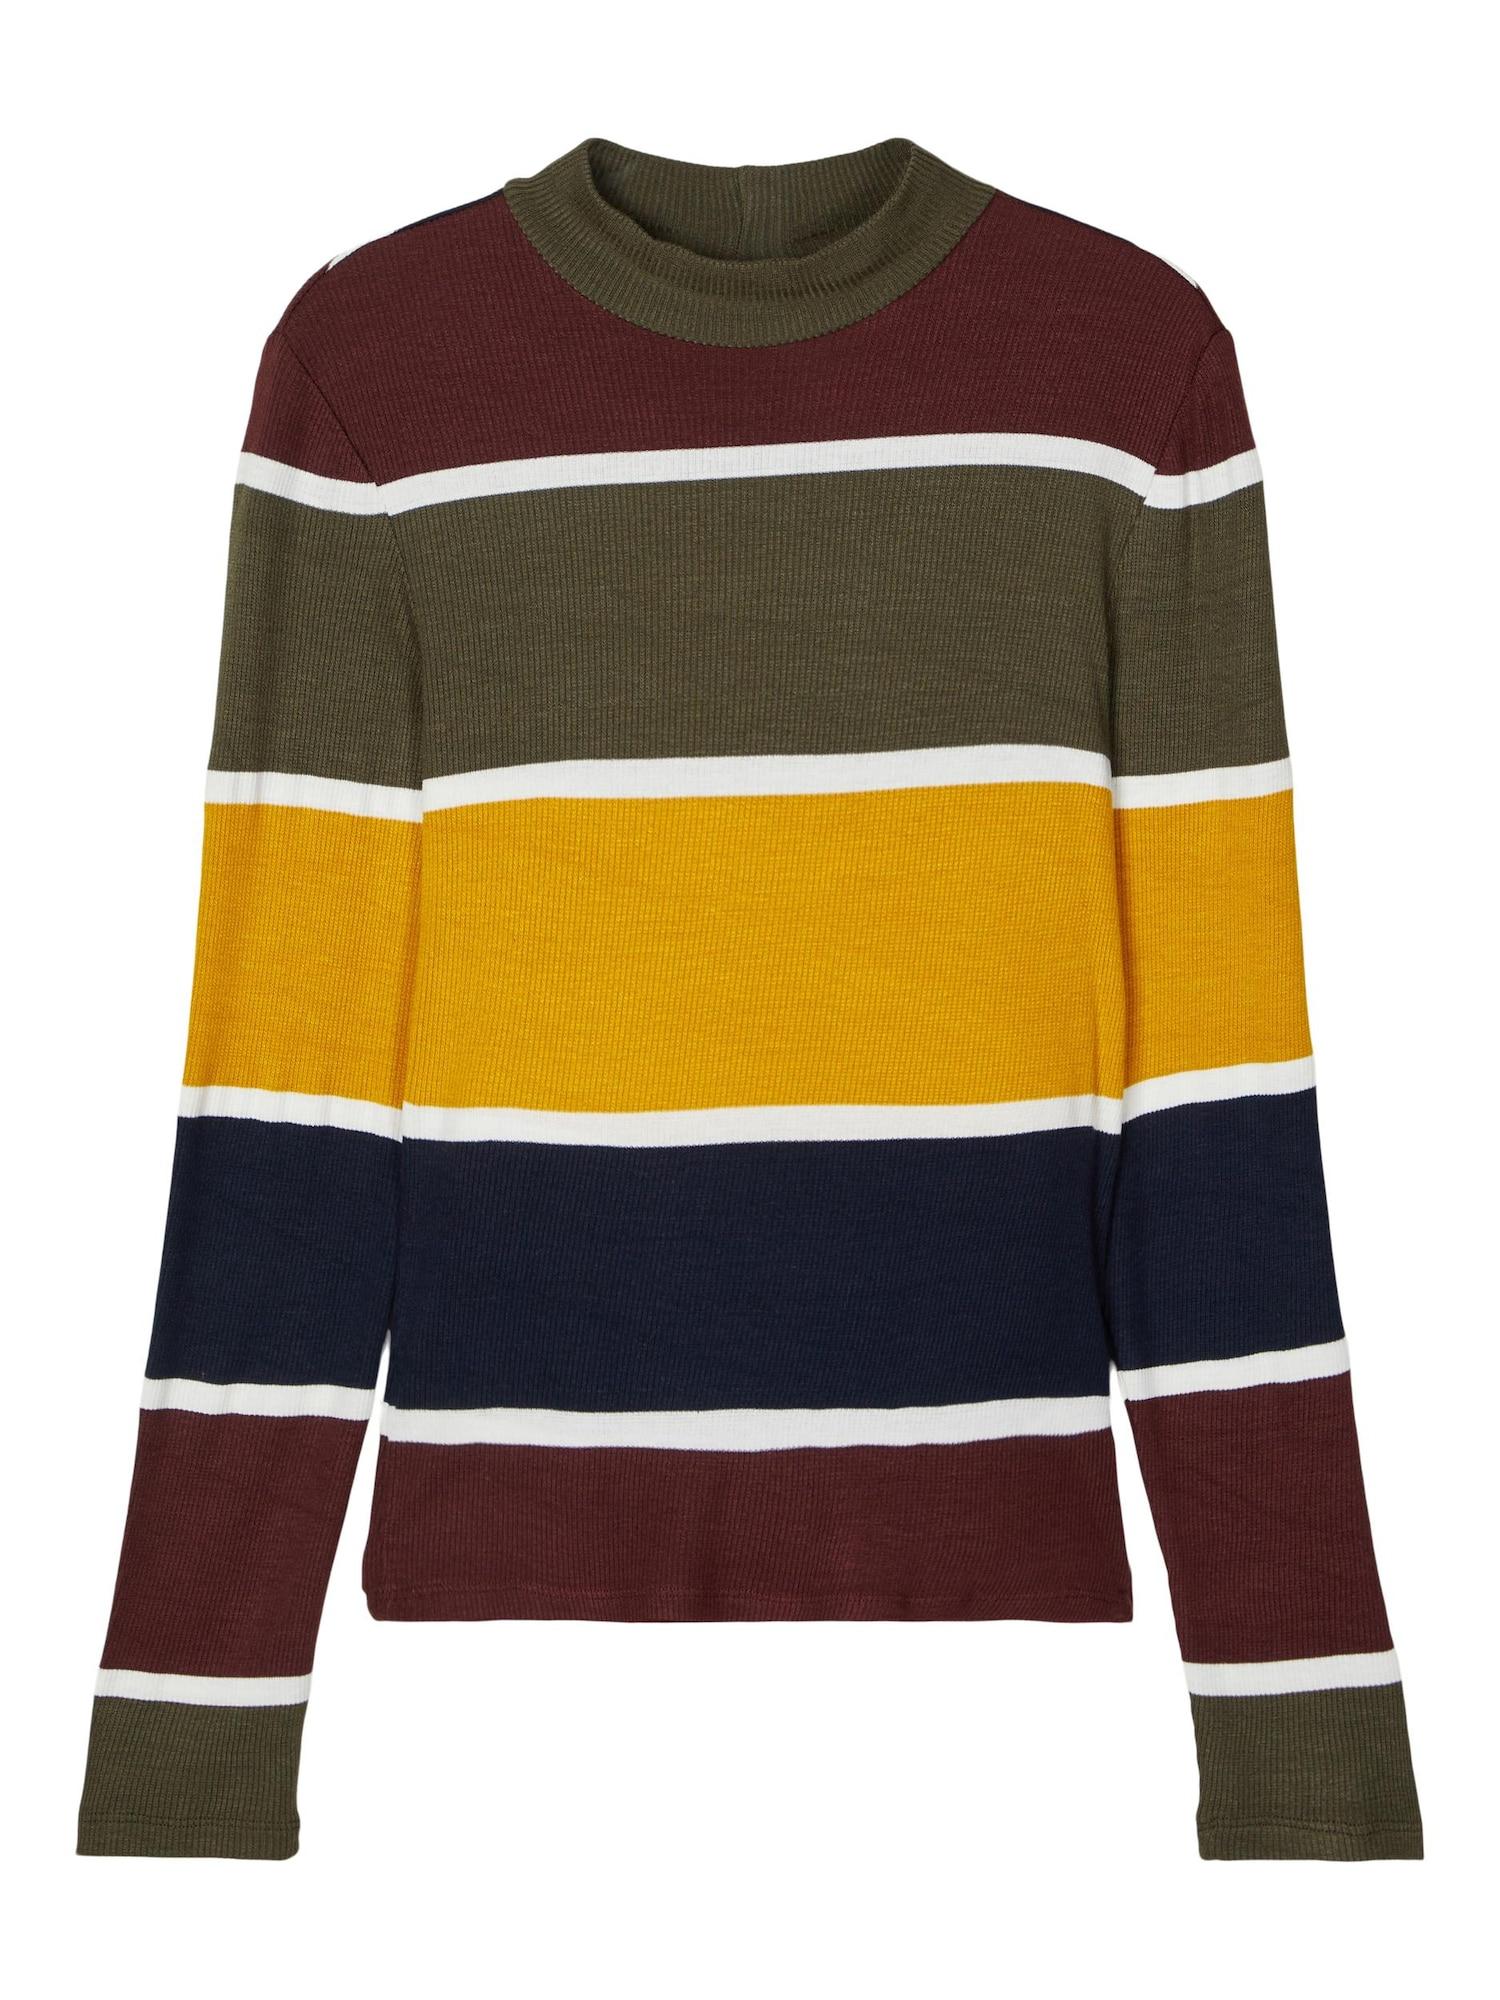 LMTD Marškinėliai geltona / vyšninė spalva / tamsiai mėlyna / rusvai žalia / balta